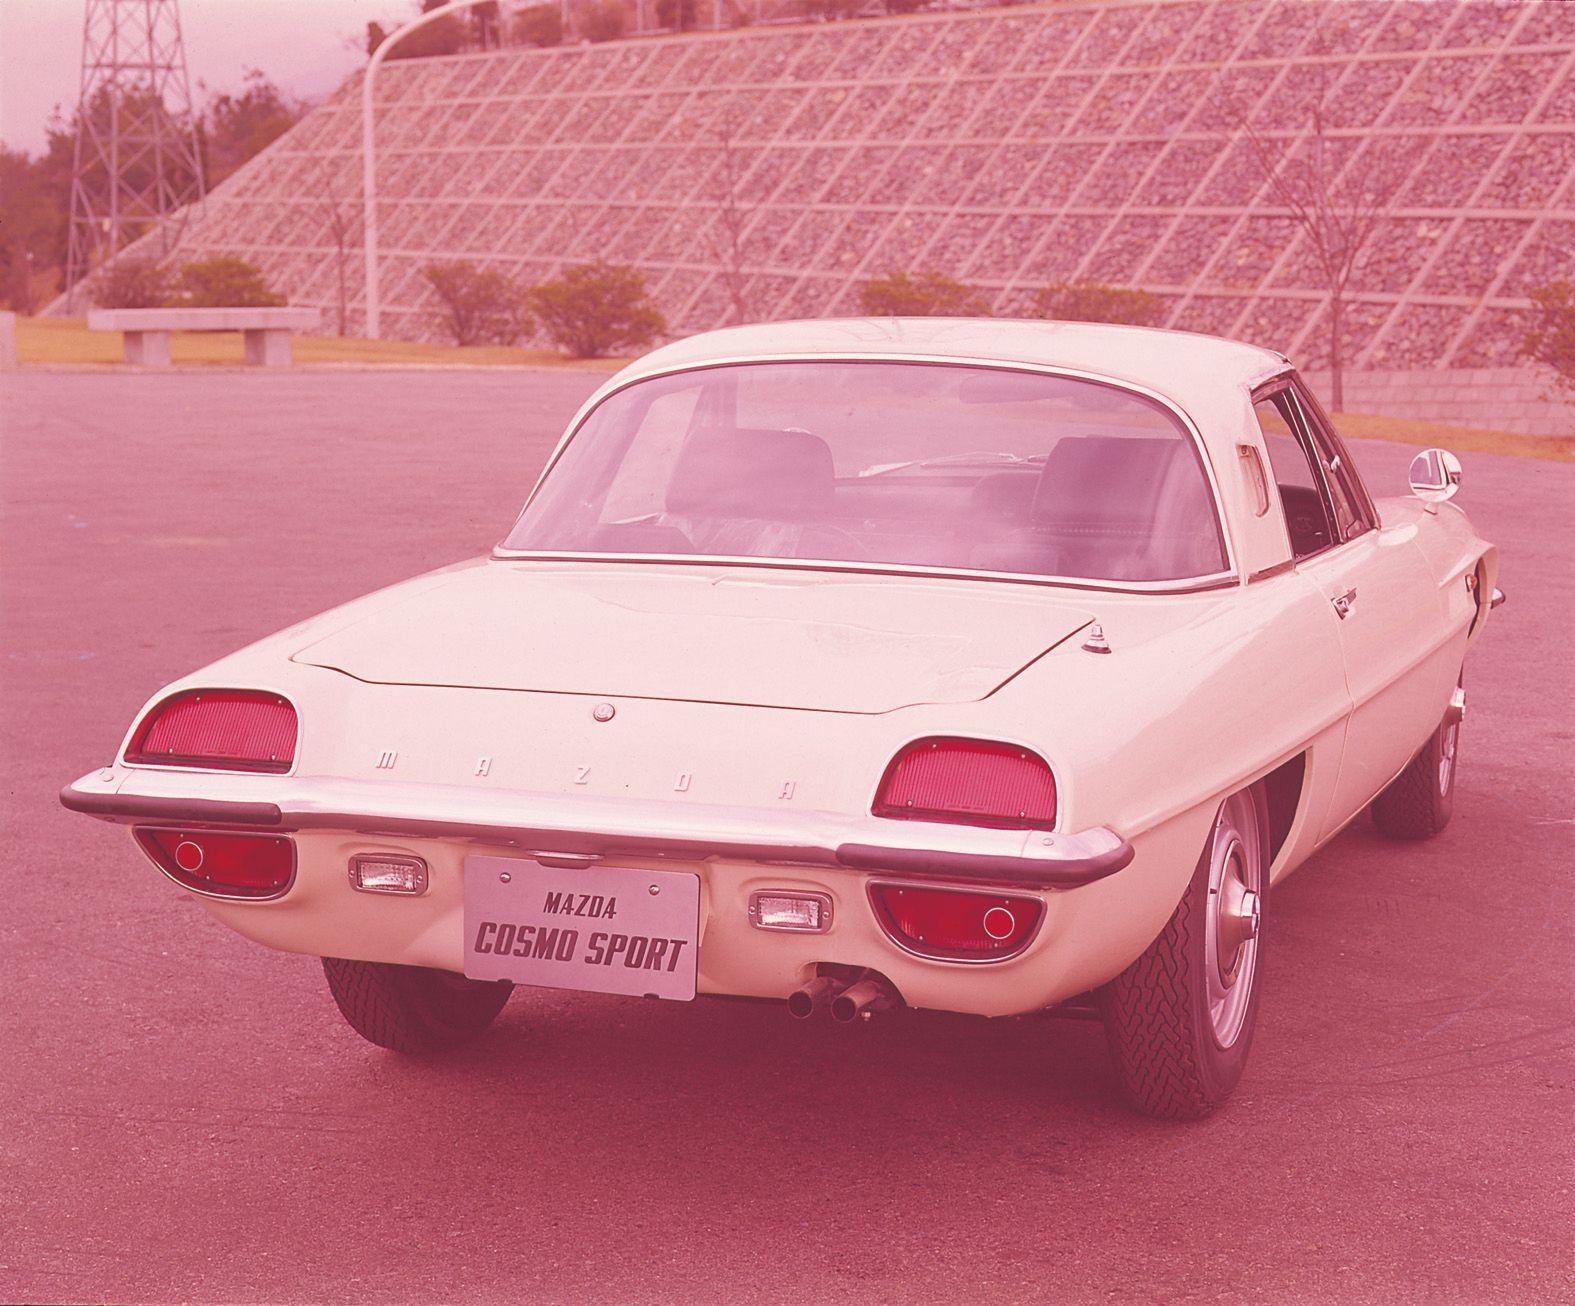 Mazda Cosmo Sport 110S 1967